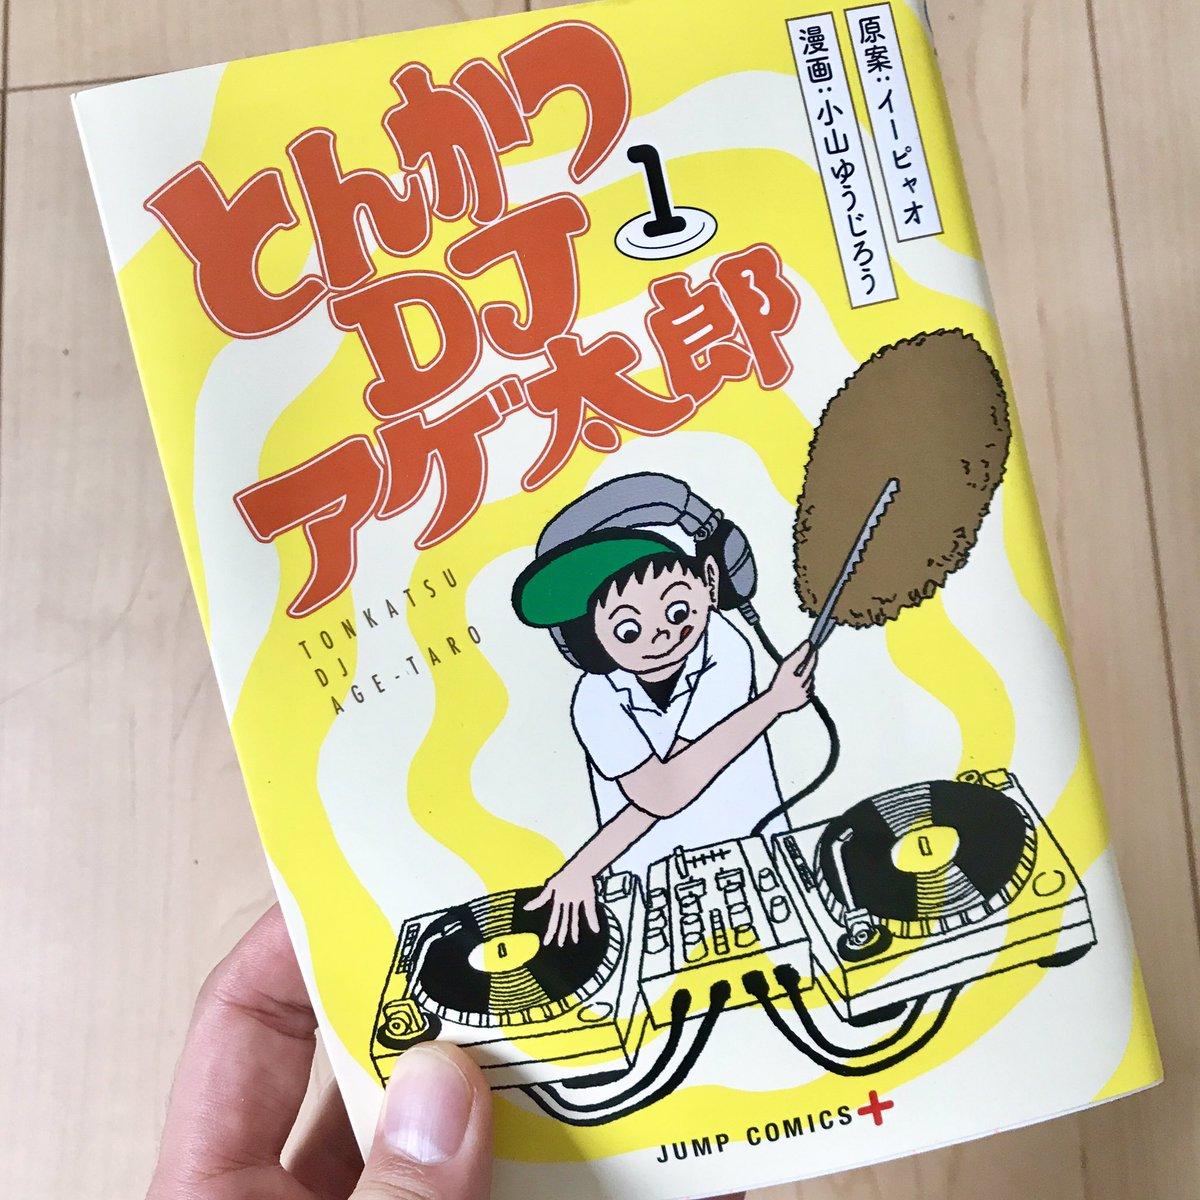 だいぶん前から気になっていた漫画「とんかつDJアゲ太郎」を読む…めっちゃ面白いやん!!!